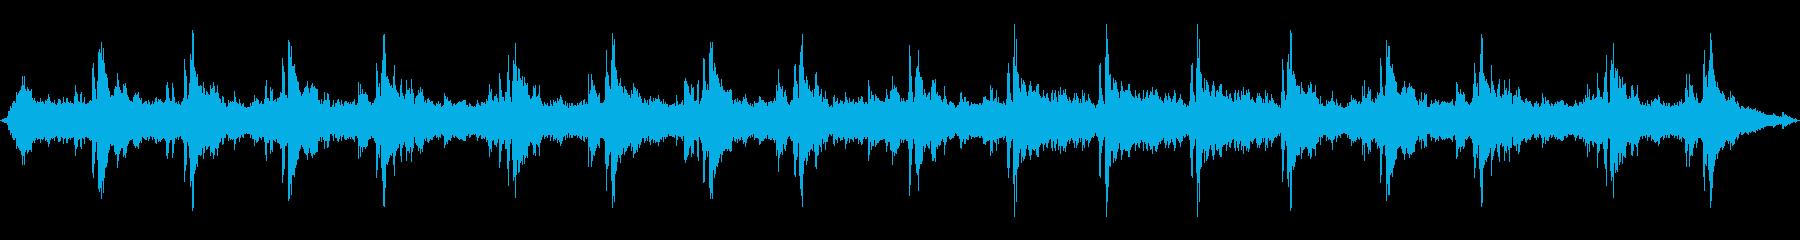 オートプラントパンチプレス:ランニ...の再生済みの波形